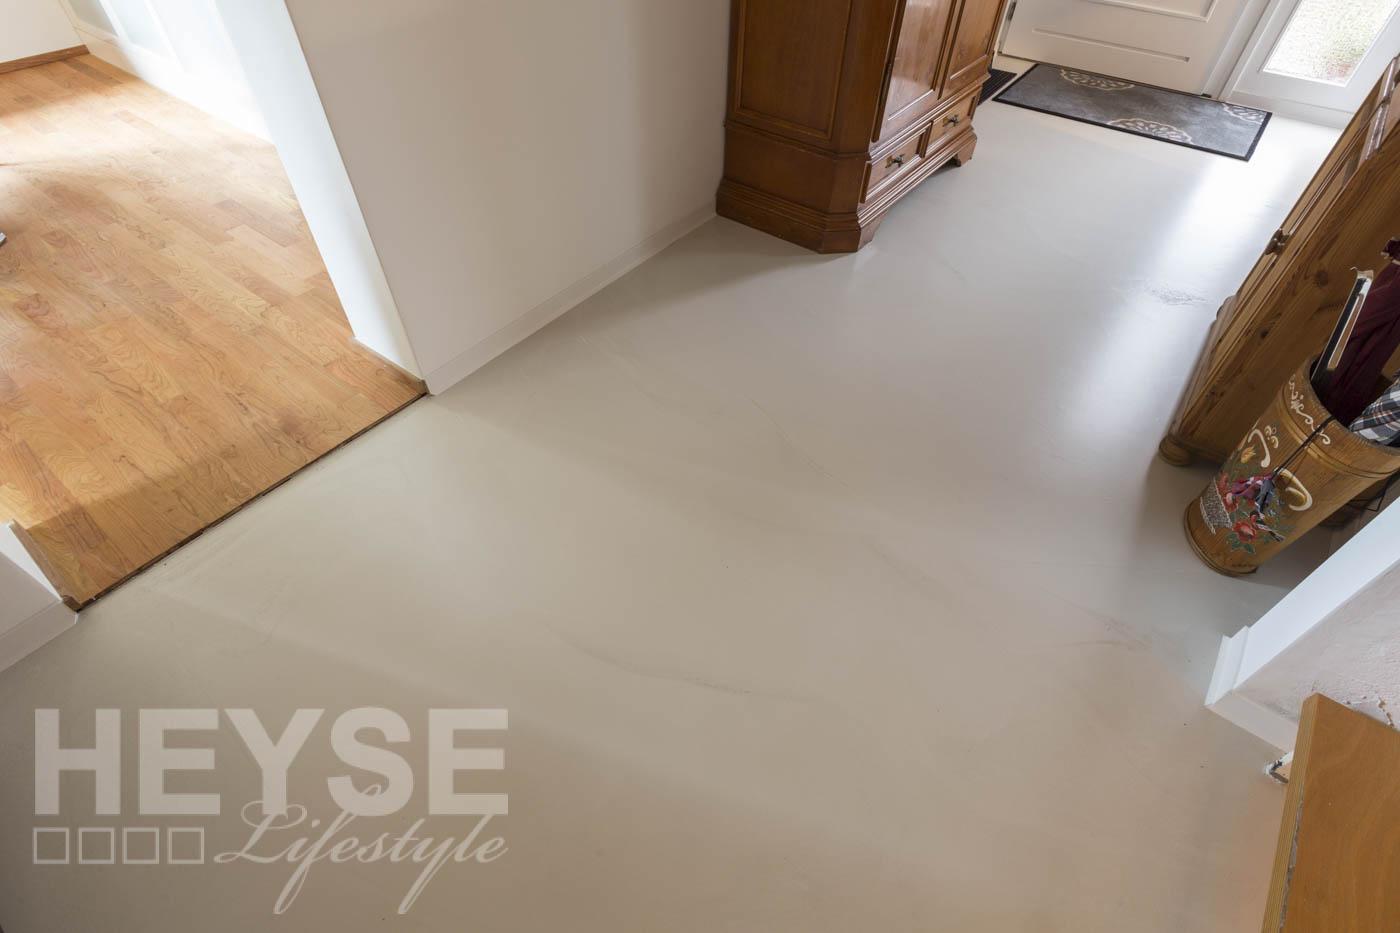 Fußboden Beton Optik ~ Top referenz designboden mit betonoptik u glatte decken und wände